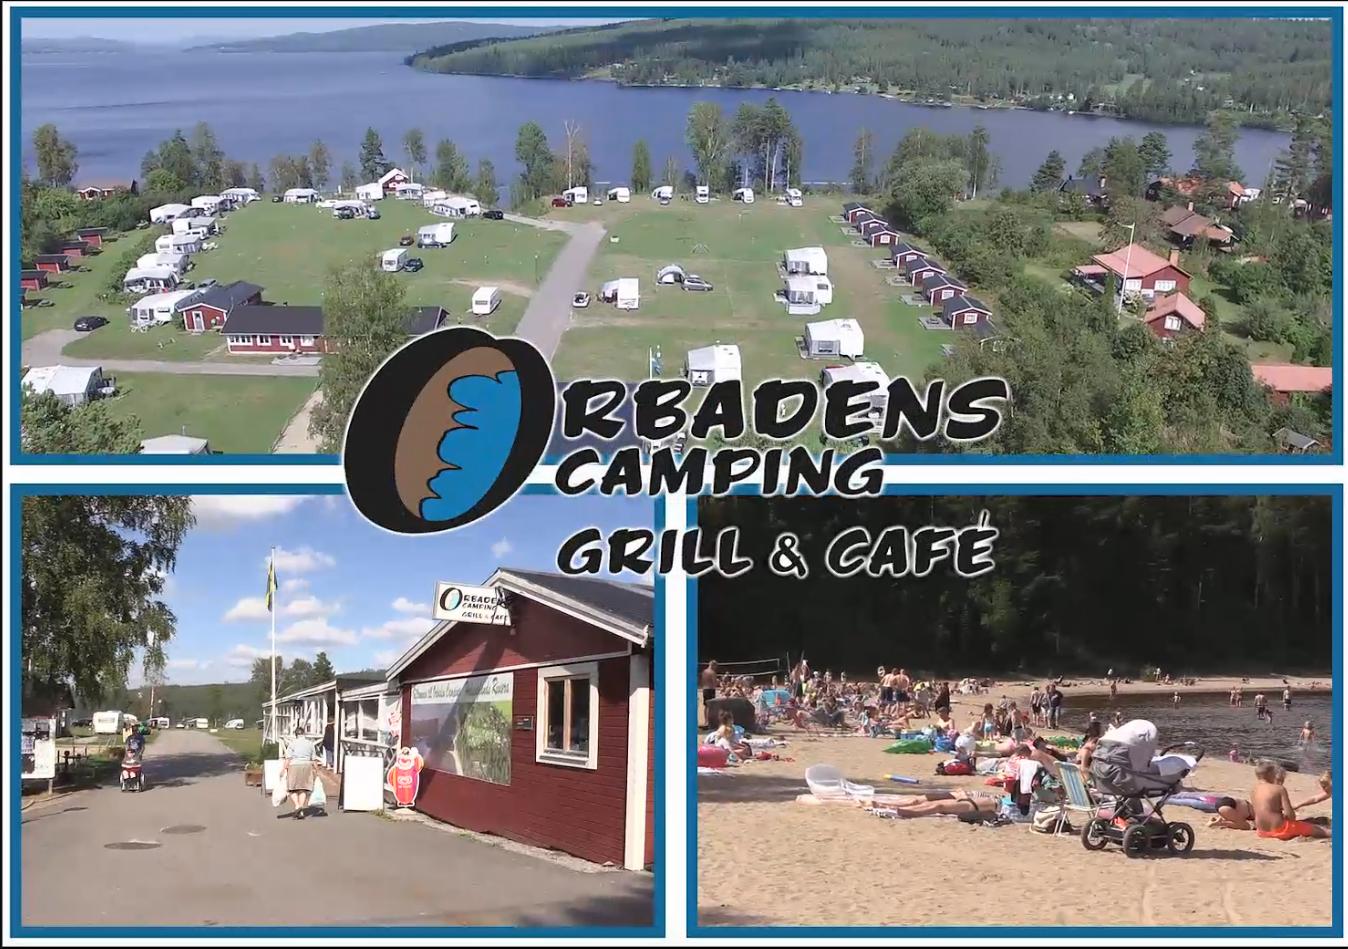 orbaden_Camping